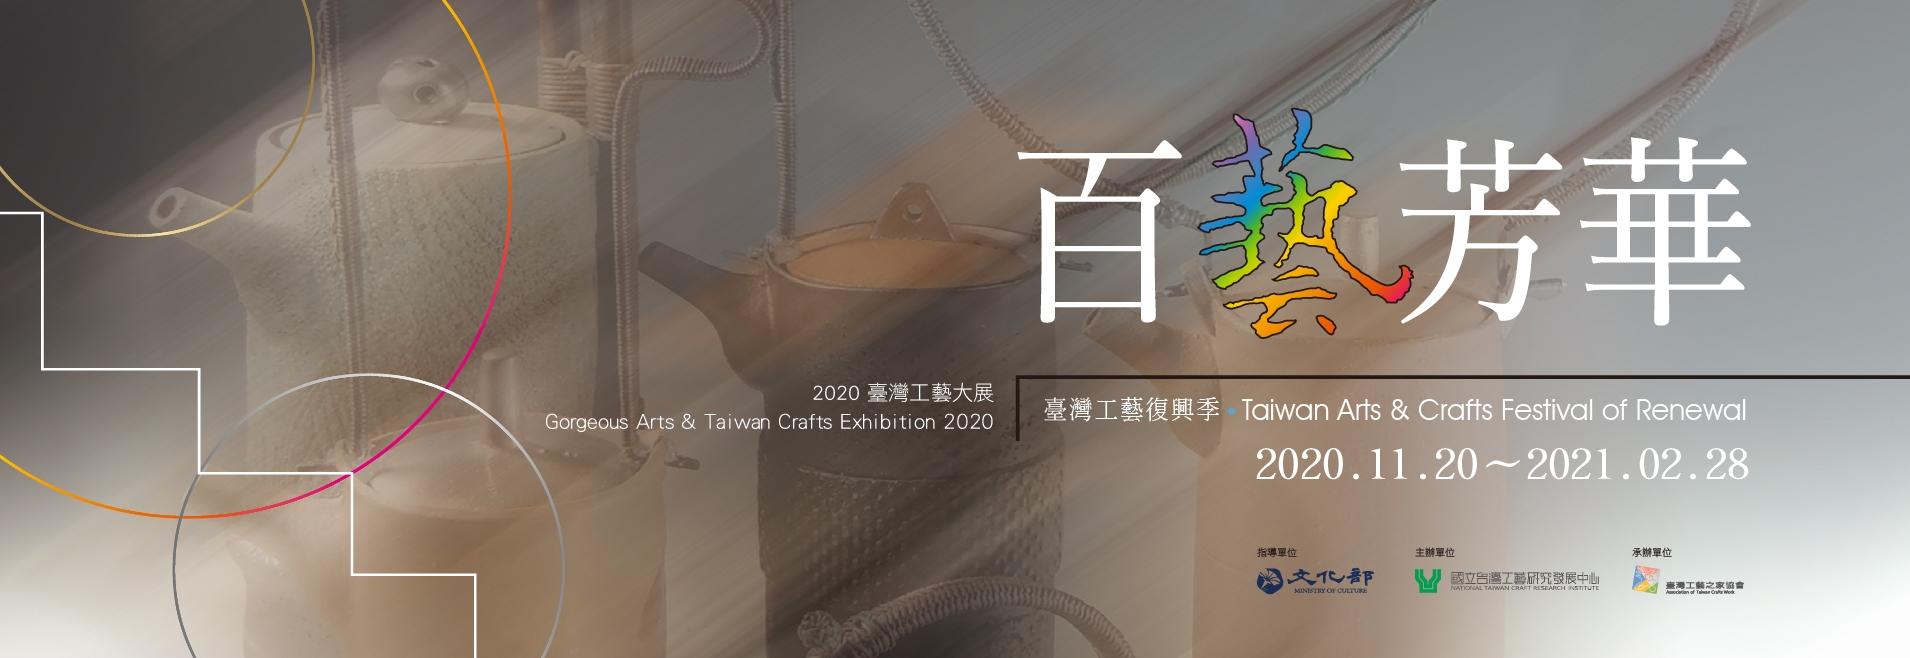 百藝芳華 2020臺灣工藝大展「另開新視窗」